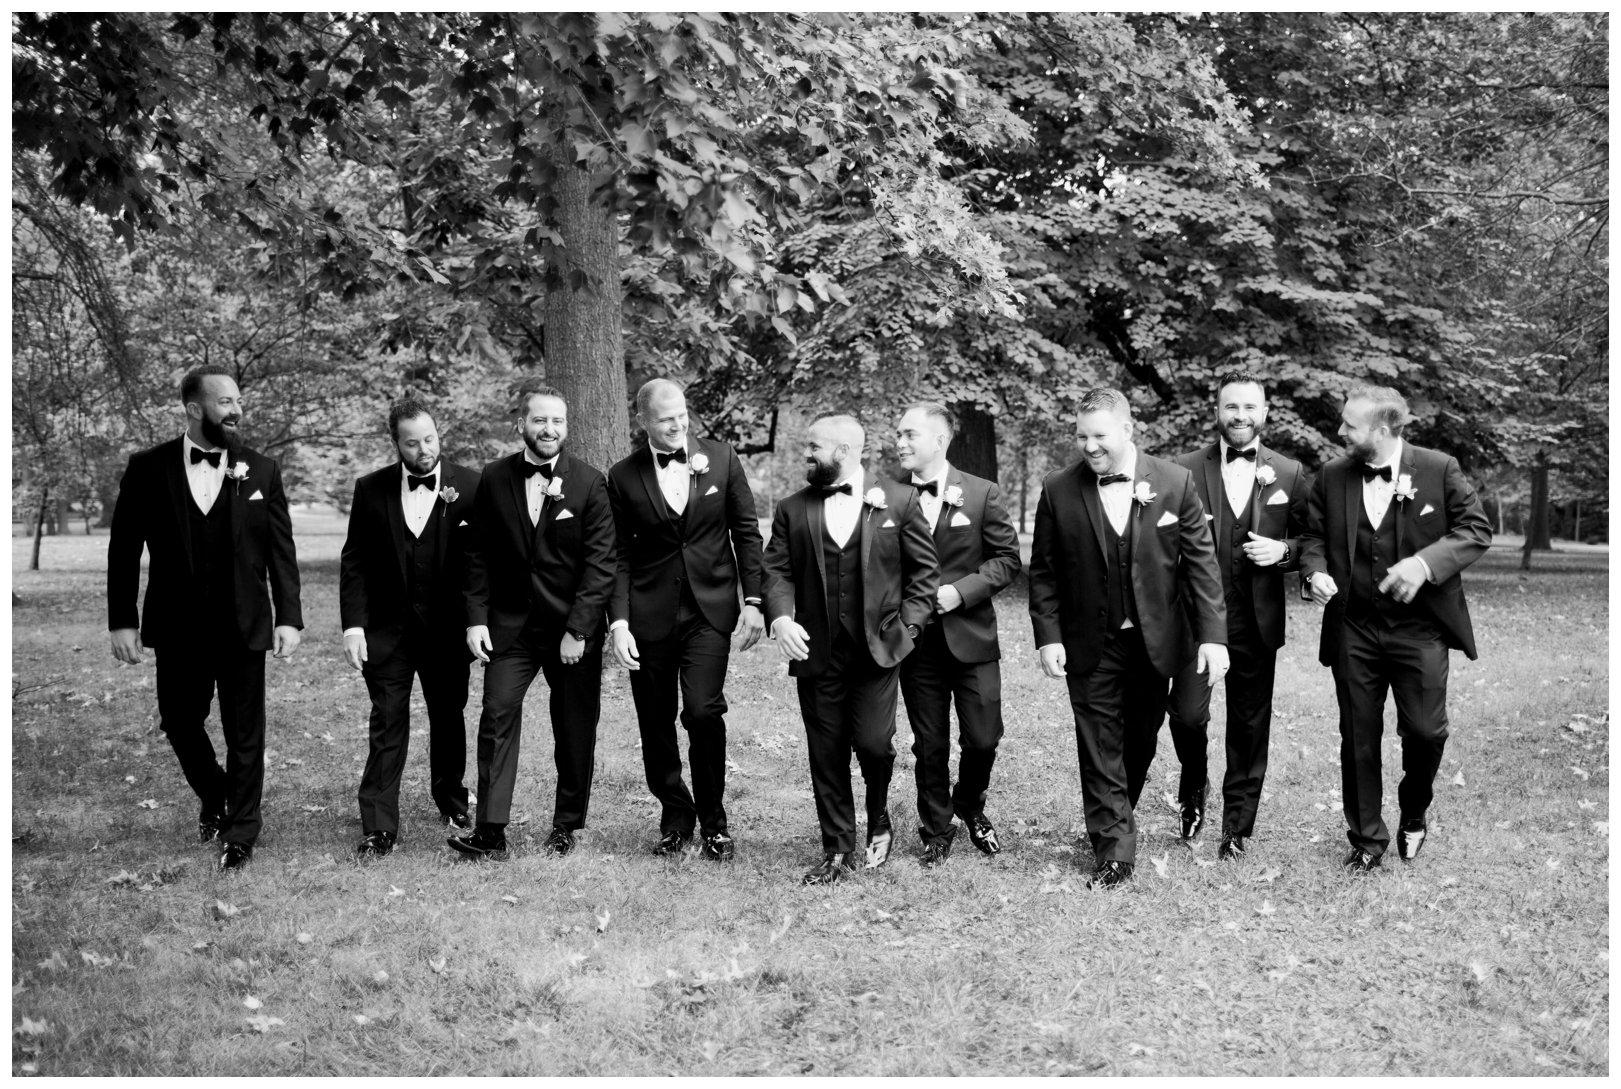 lauren muckler photography_fine art film wedding photography_st louis_photography_2152.jpg